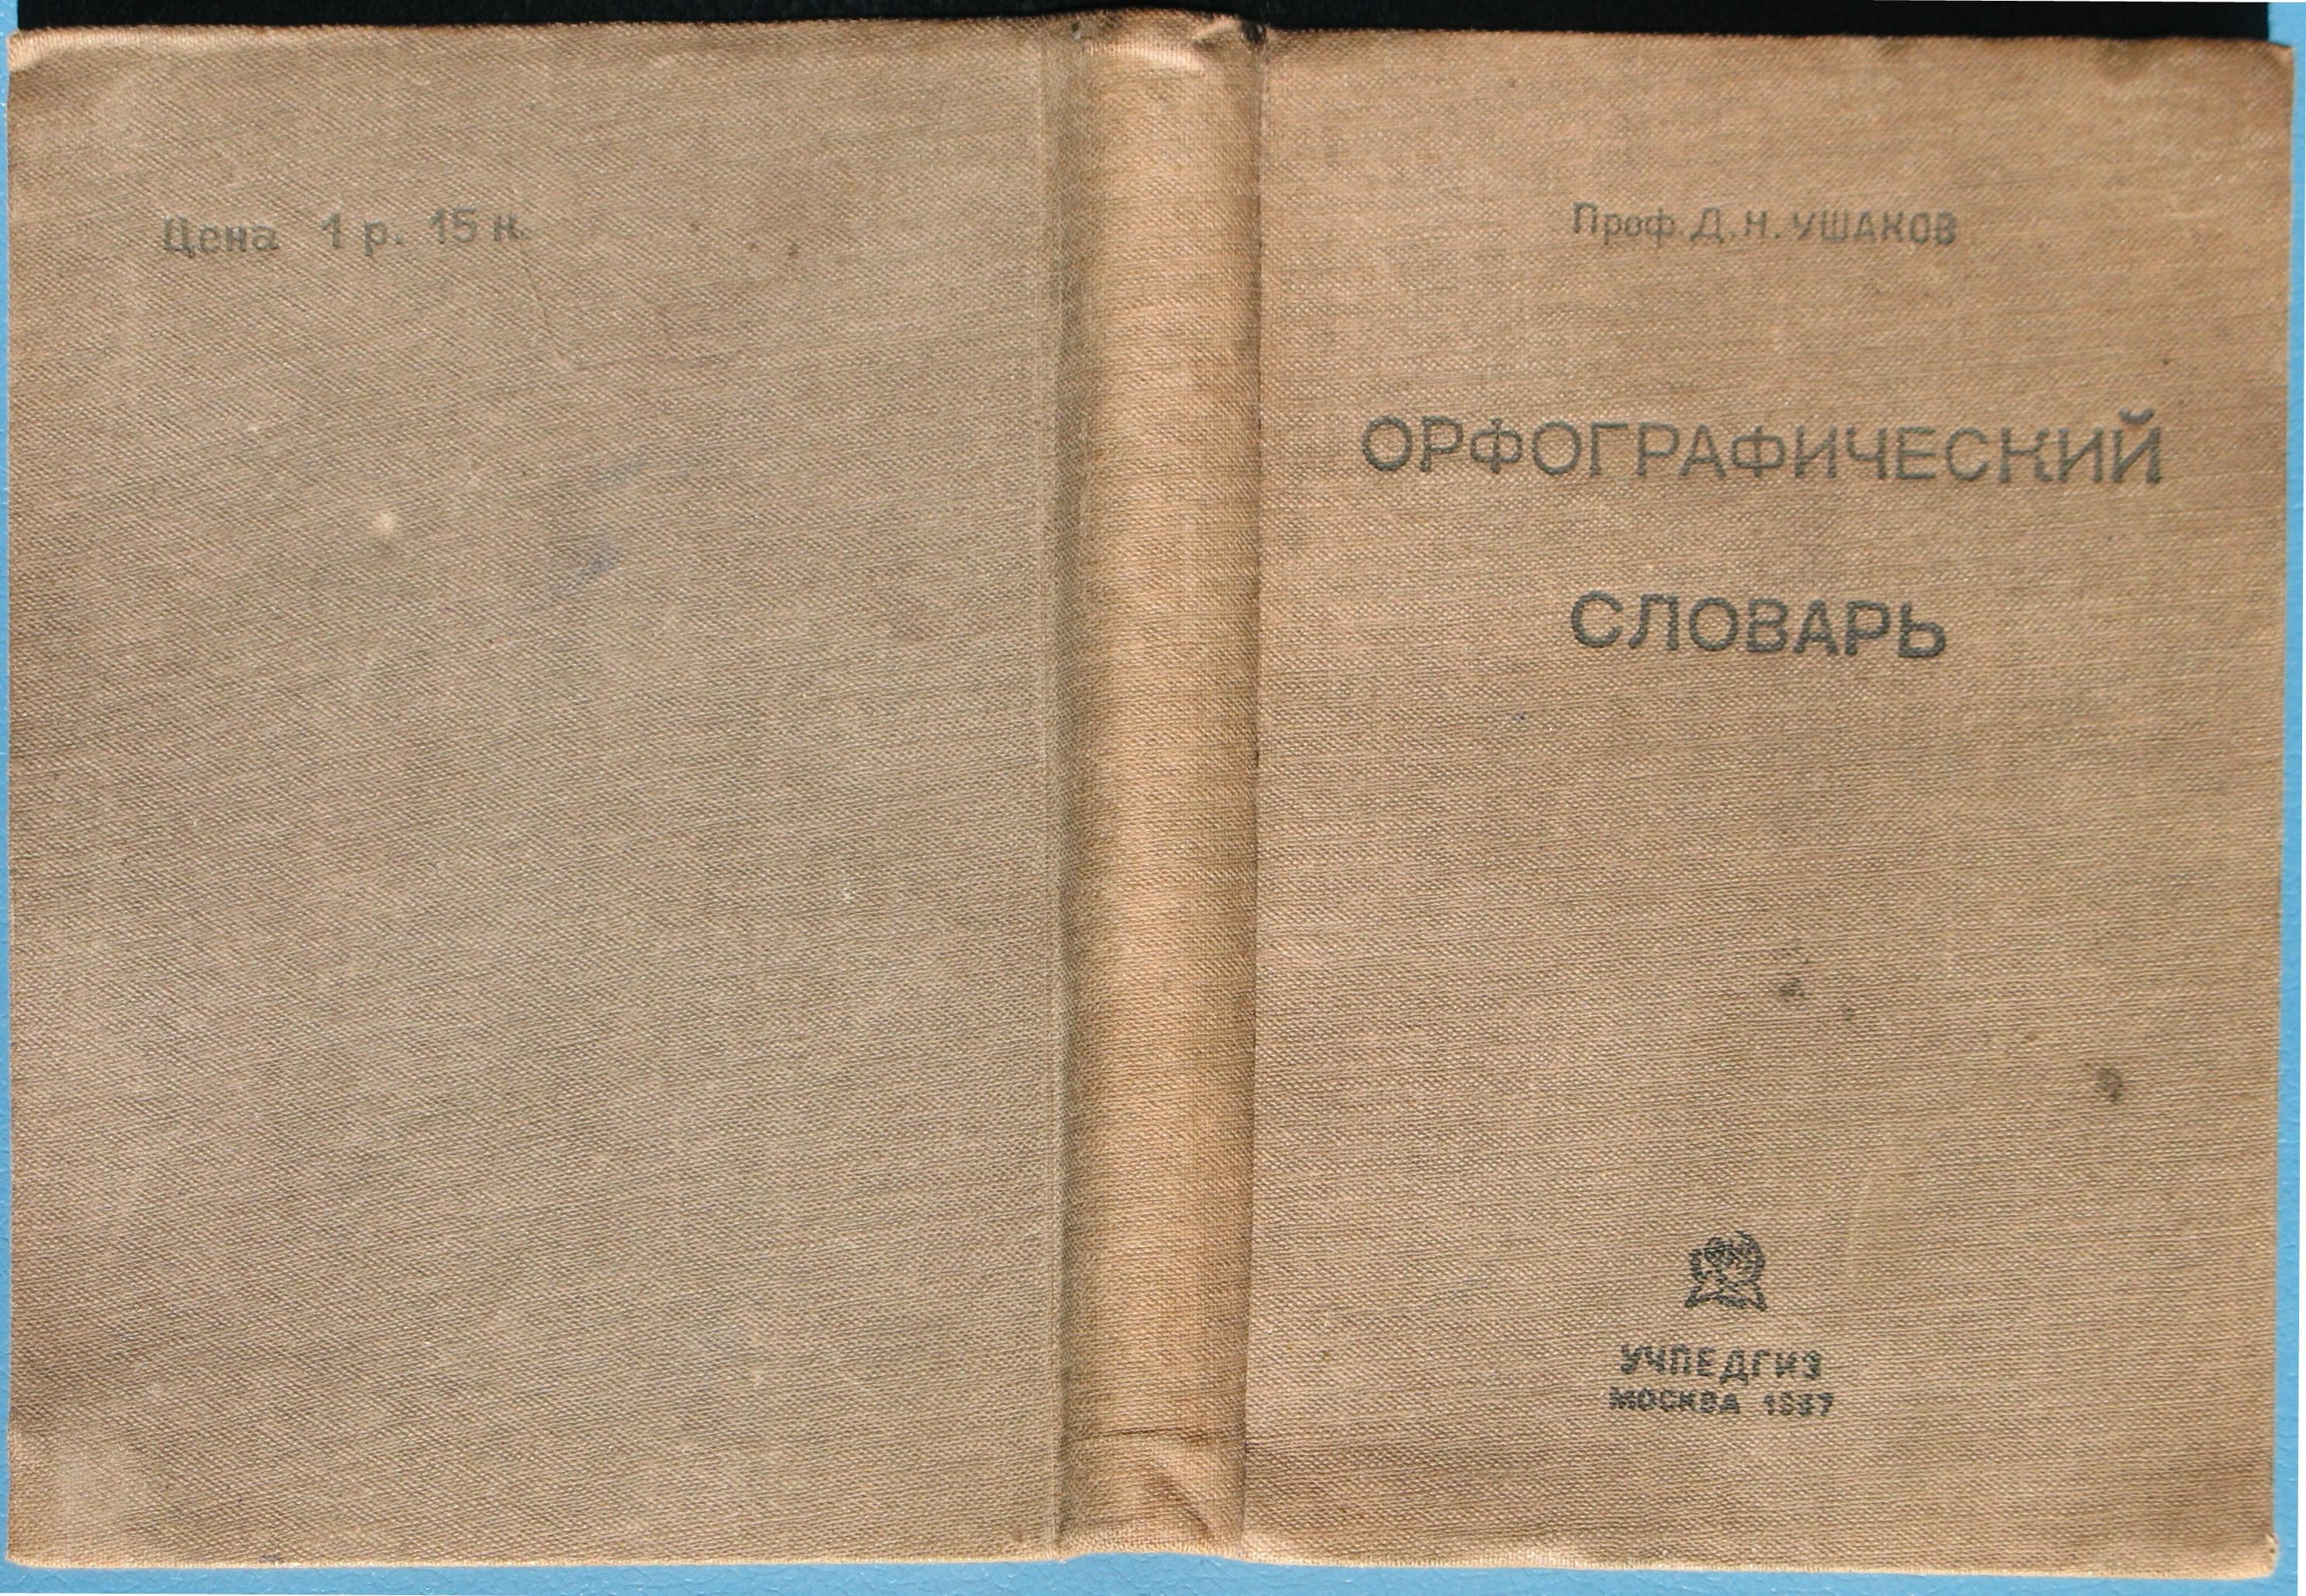 орфографический словарь д н ушаков с е крючков pdf